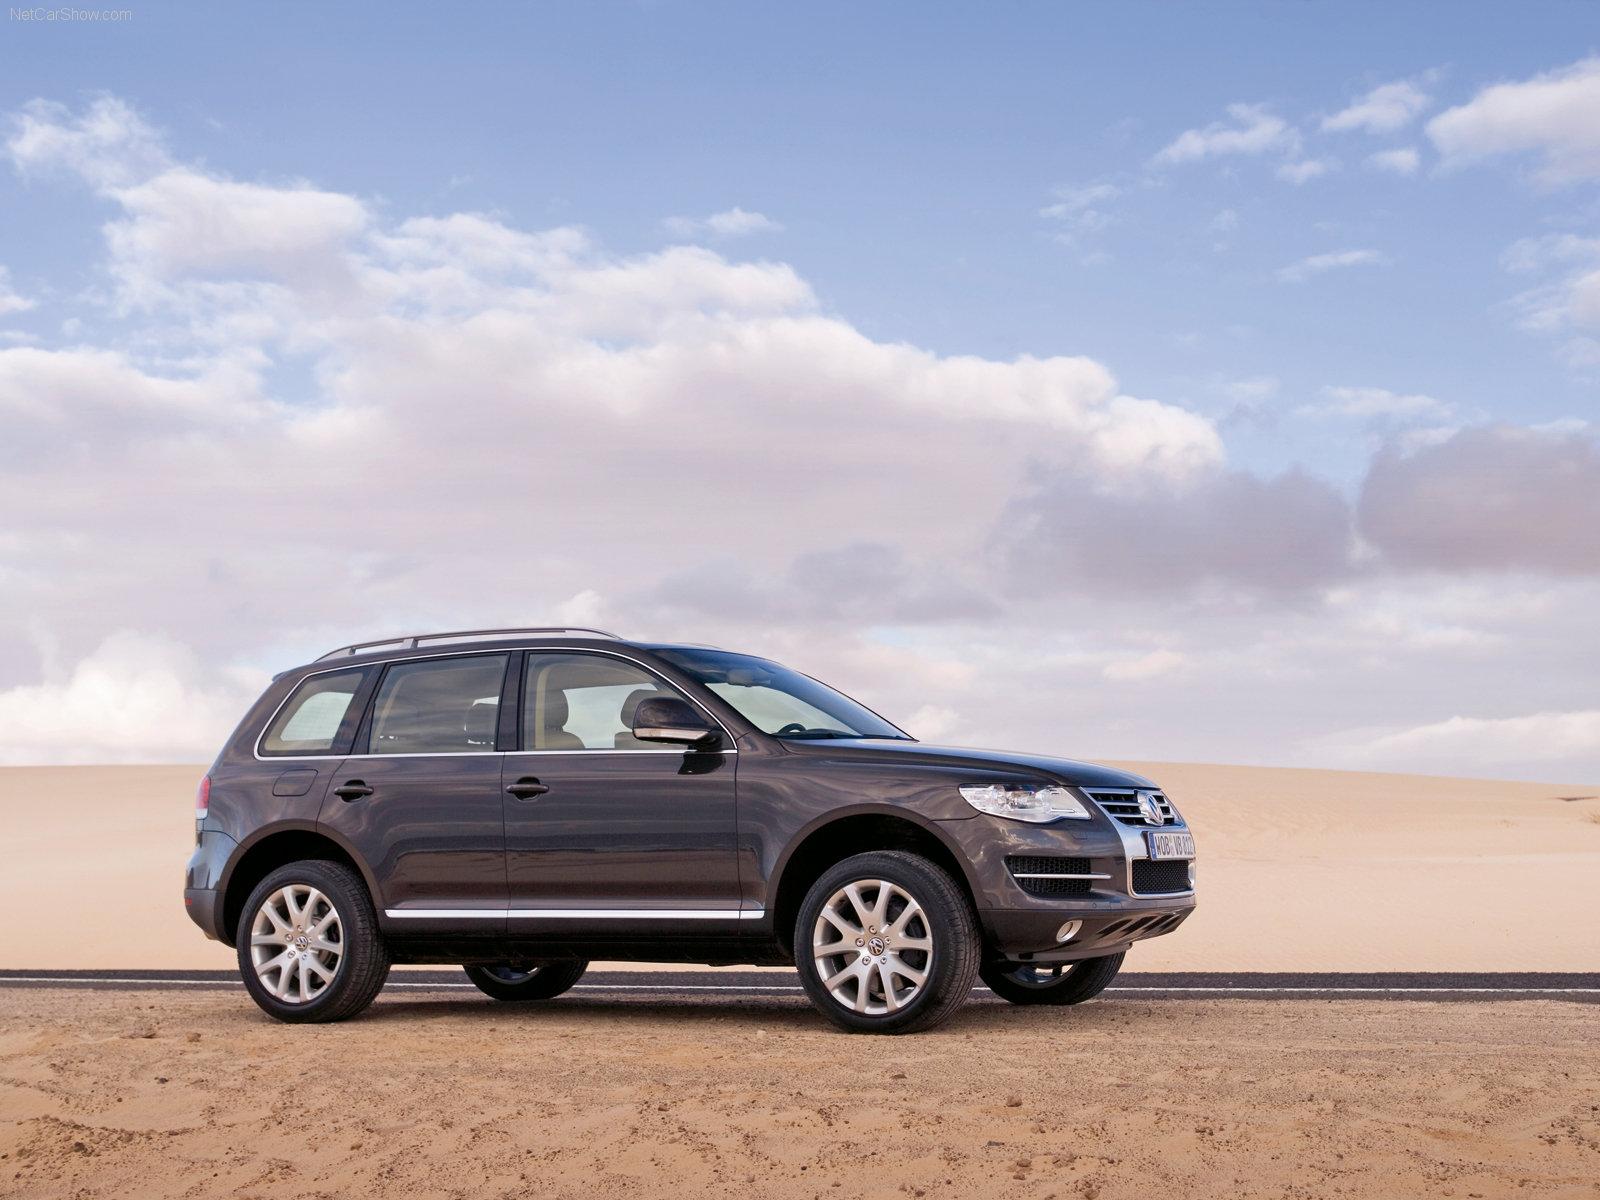 http://w04.ru/foto/Volkswagen-Touareg_2007_1600x1200_wallpaper_0d.jpg